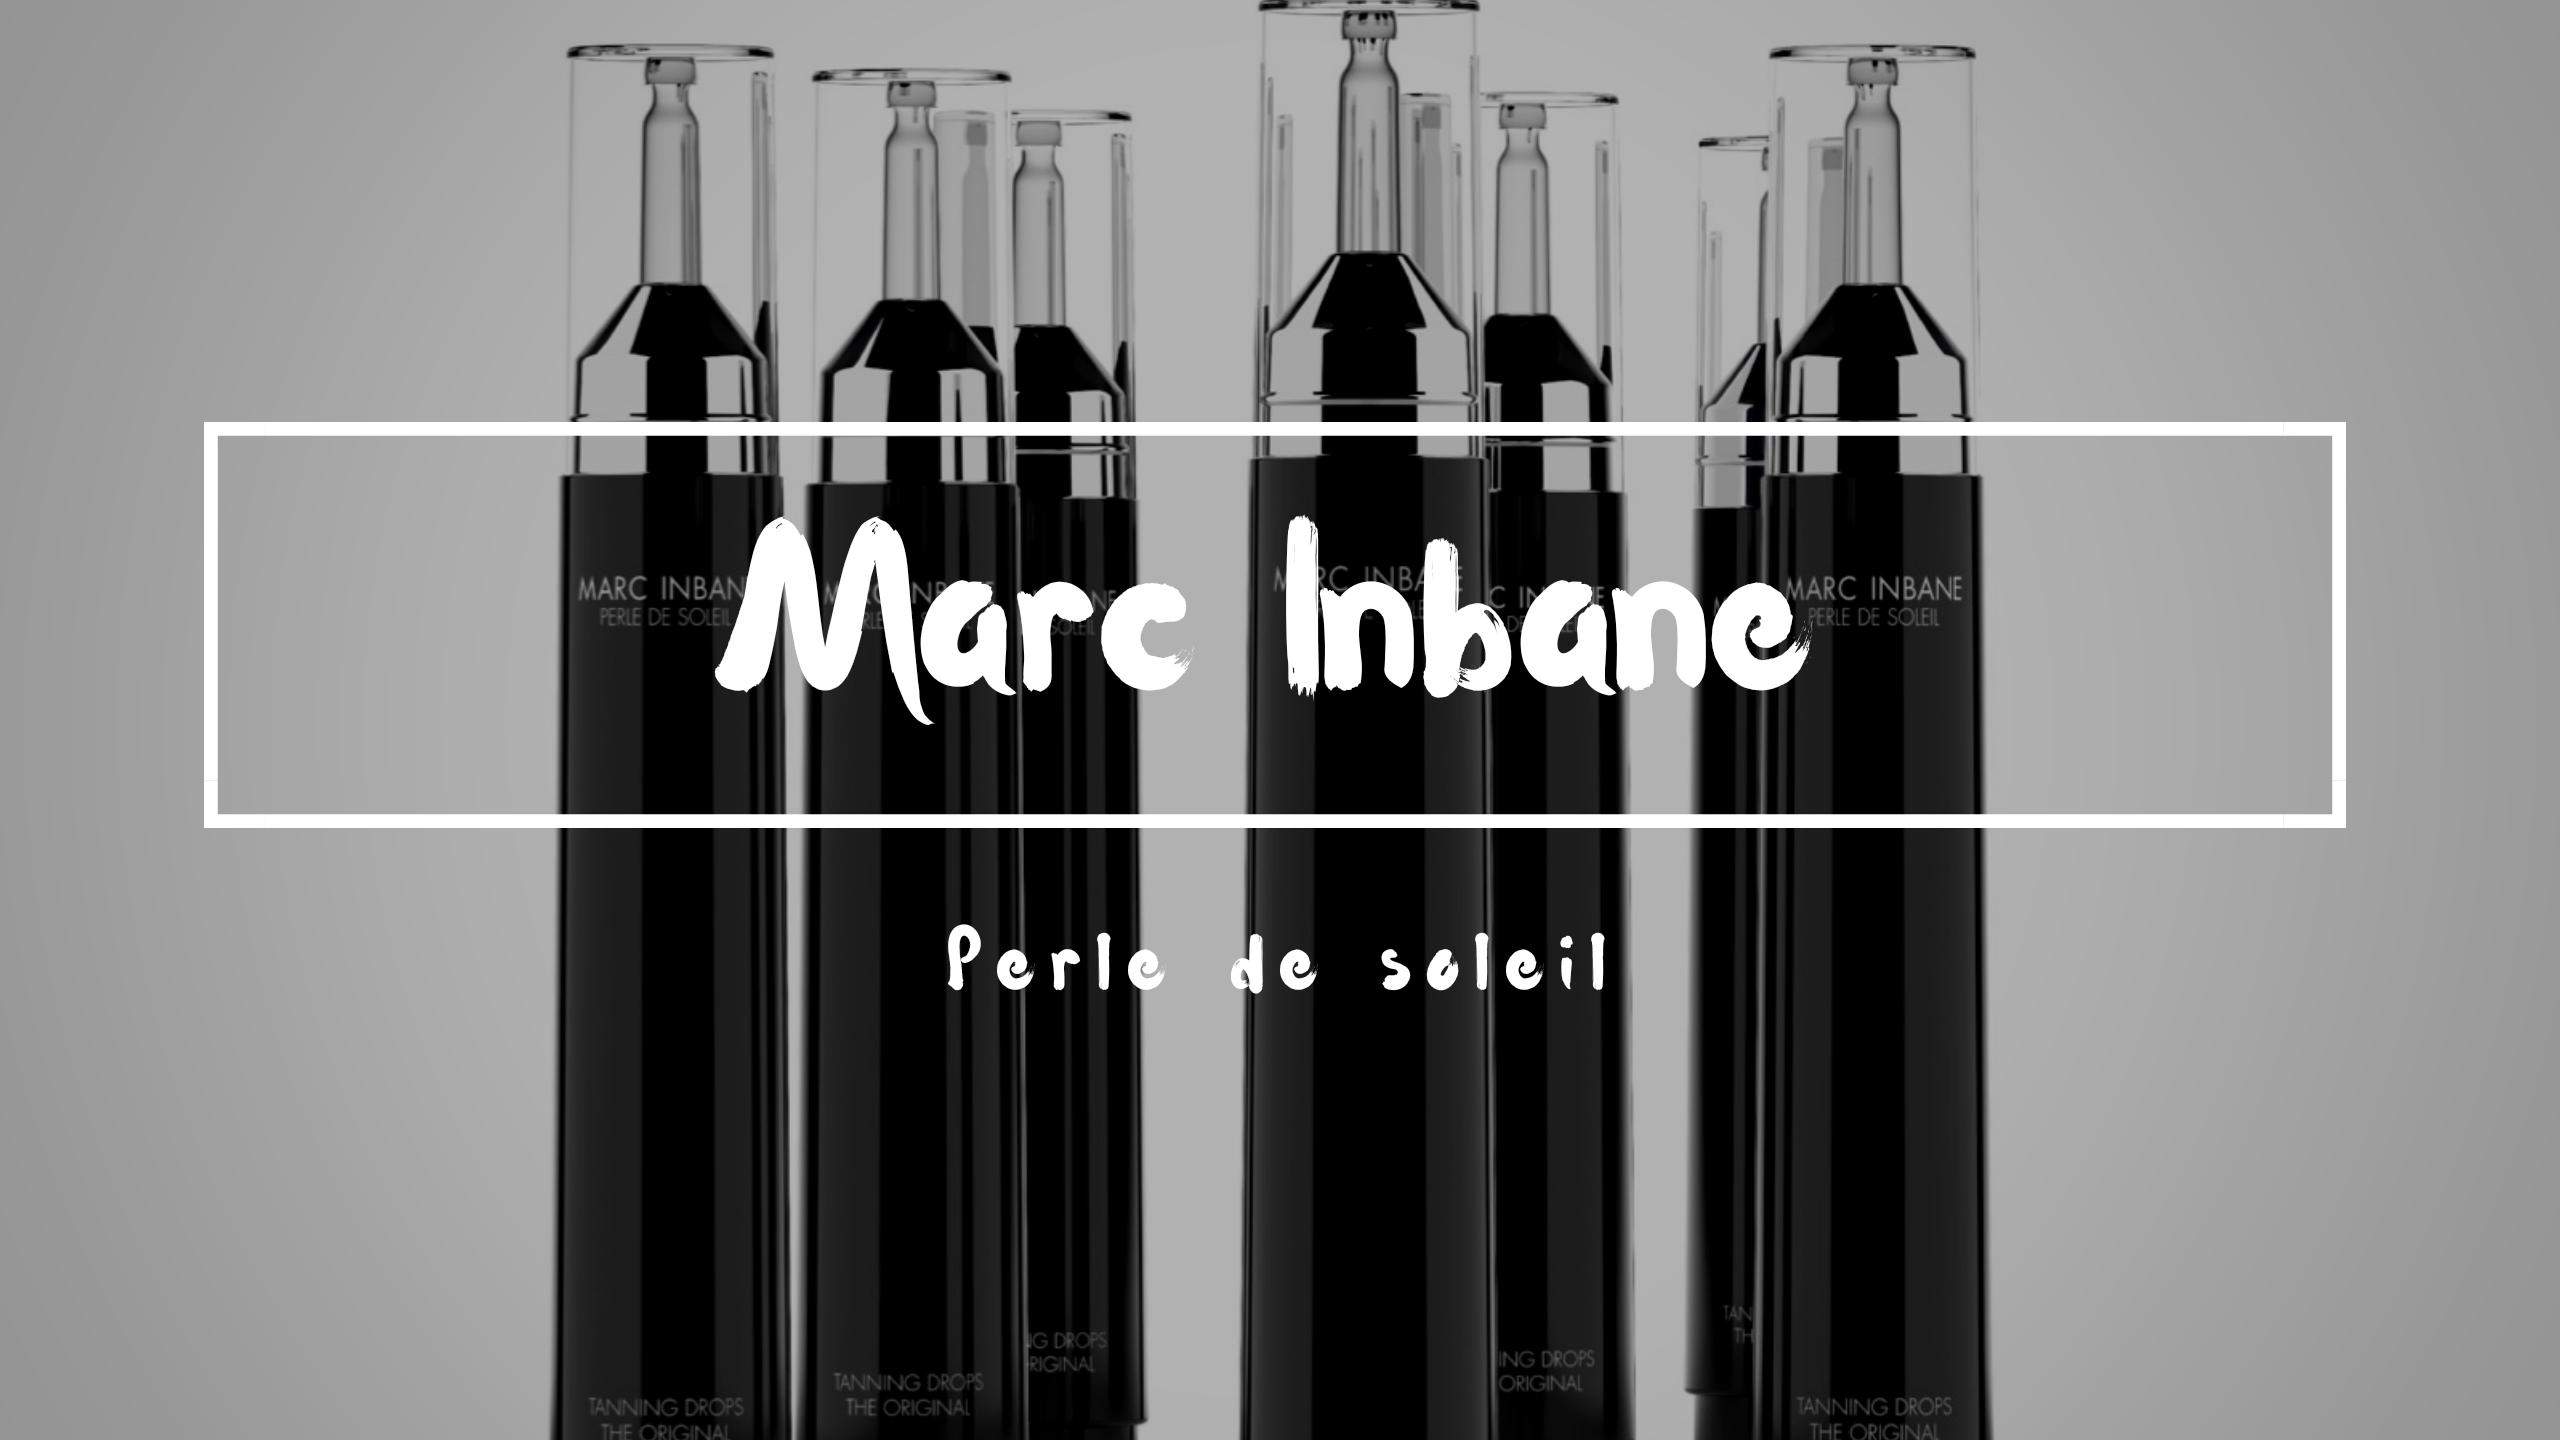 Beauty: Marc Inbane Perle de Soleil, behoud je zomer look.